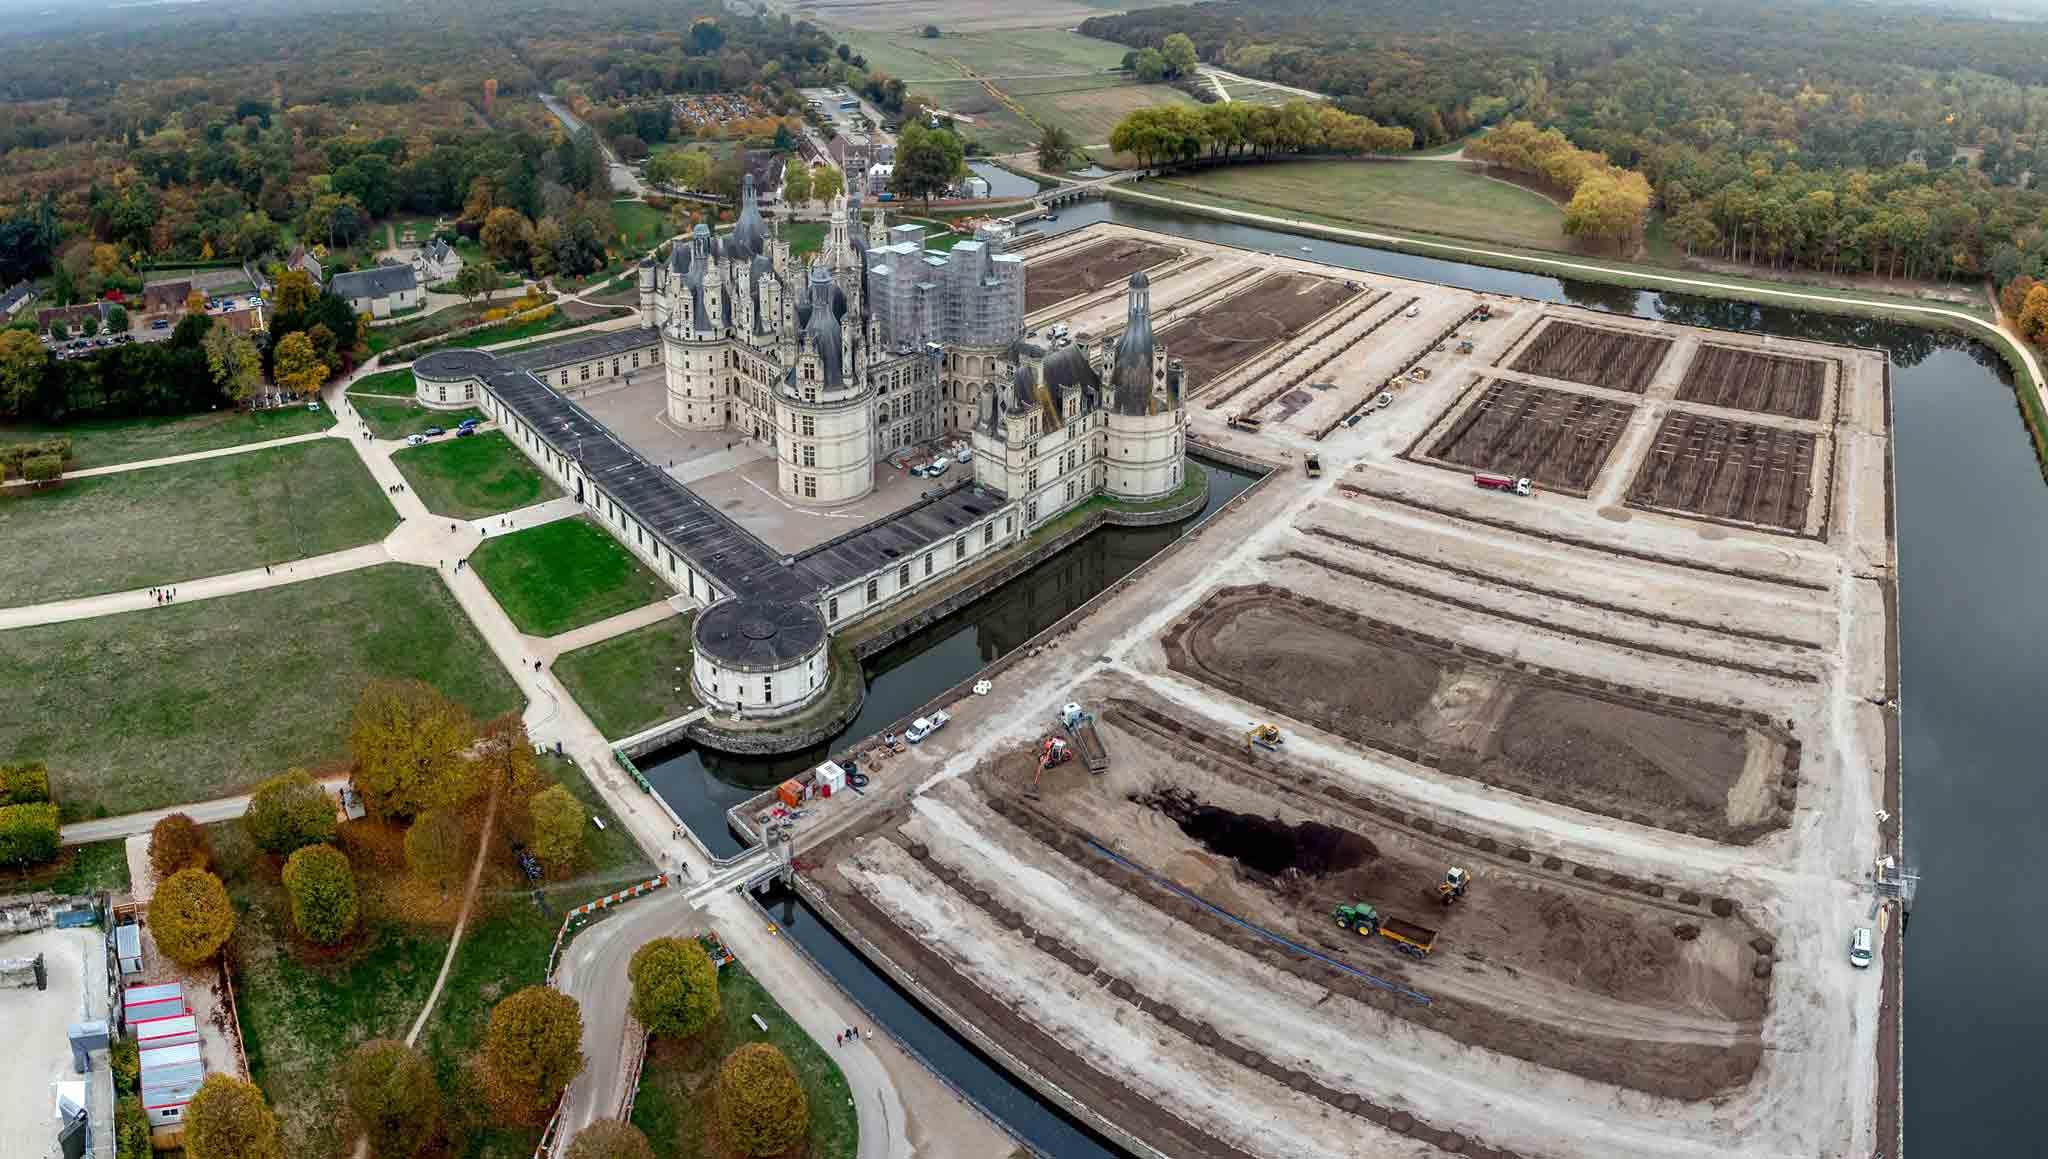 Le château de Chambord et ses jardins (en formation)